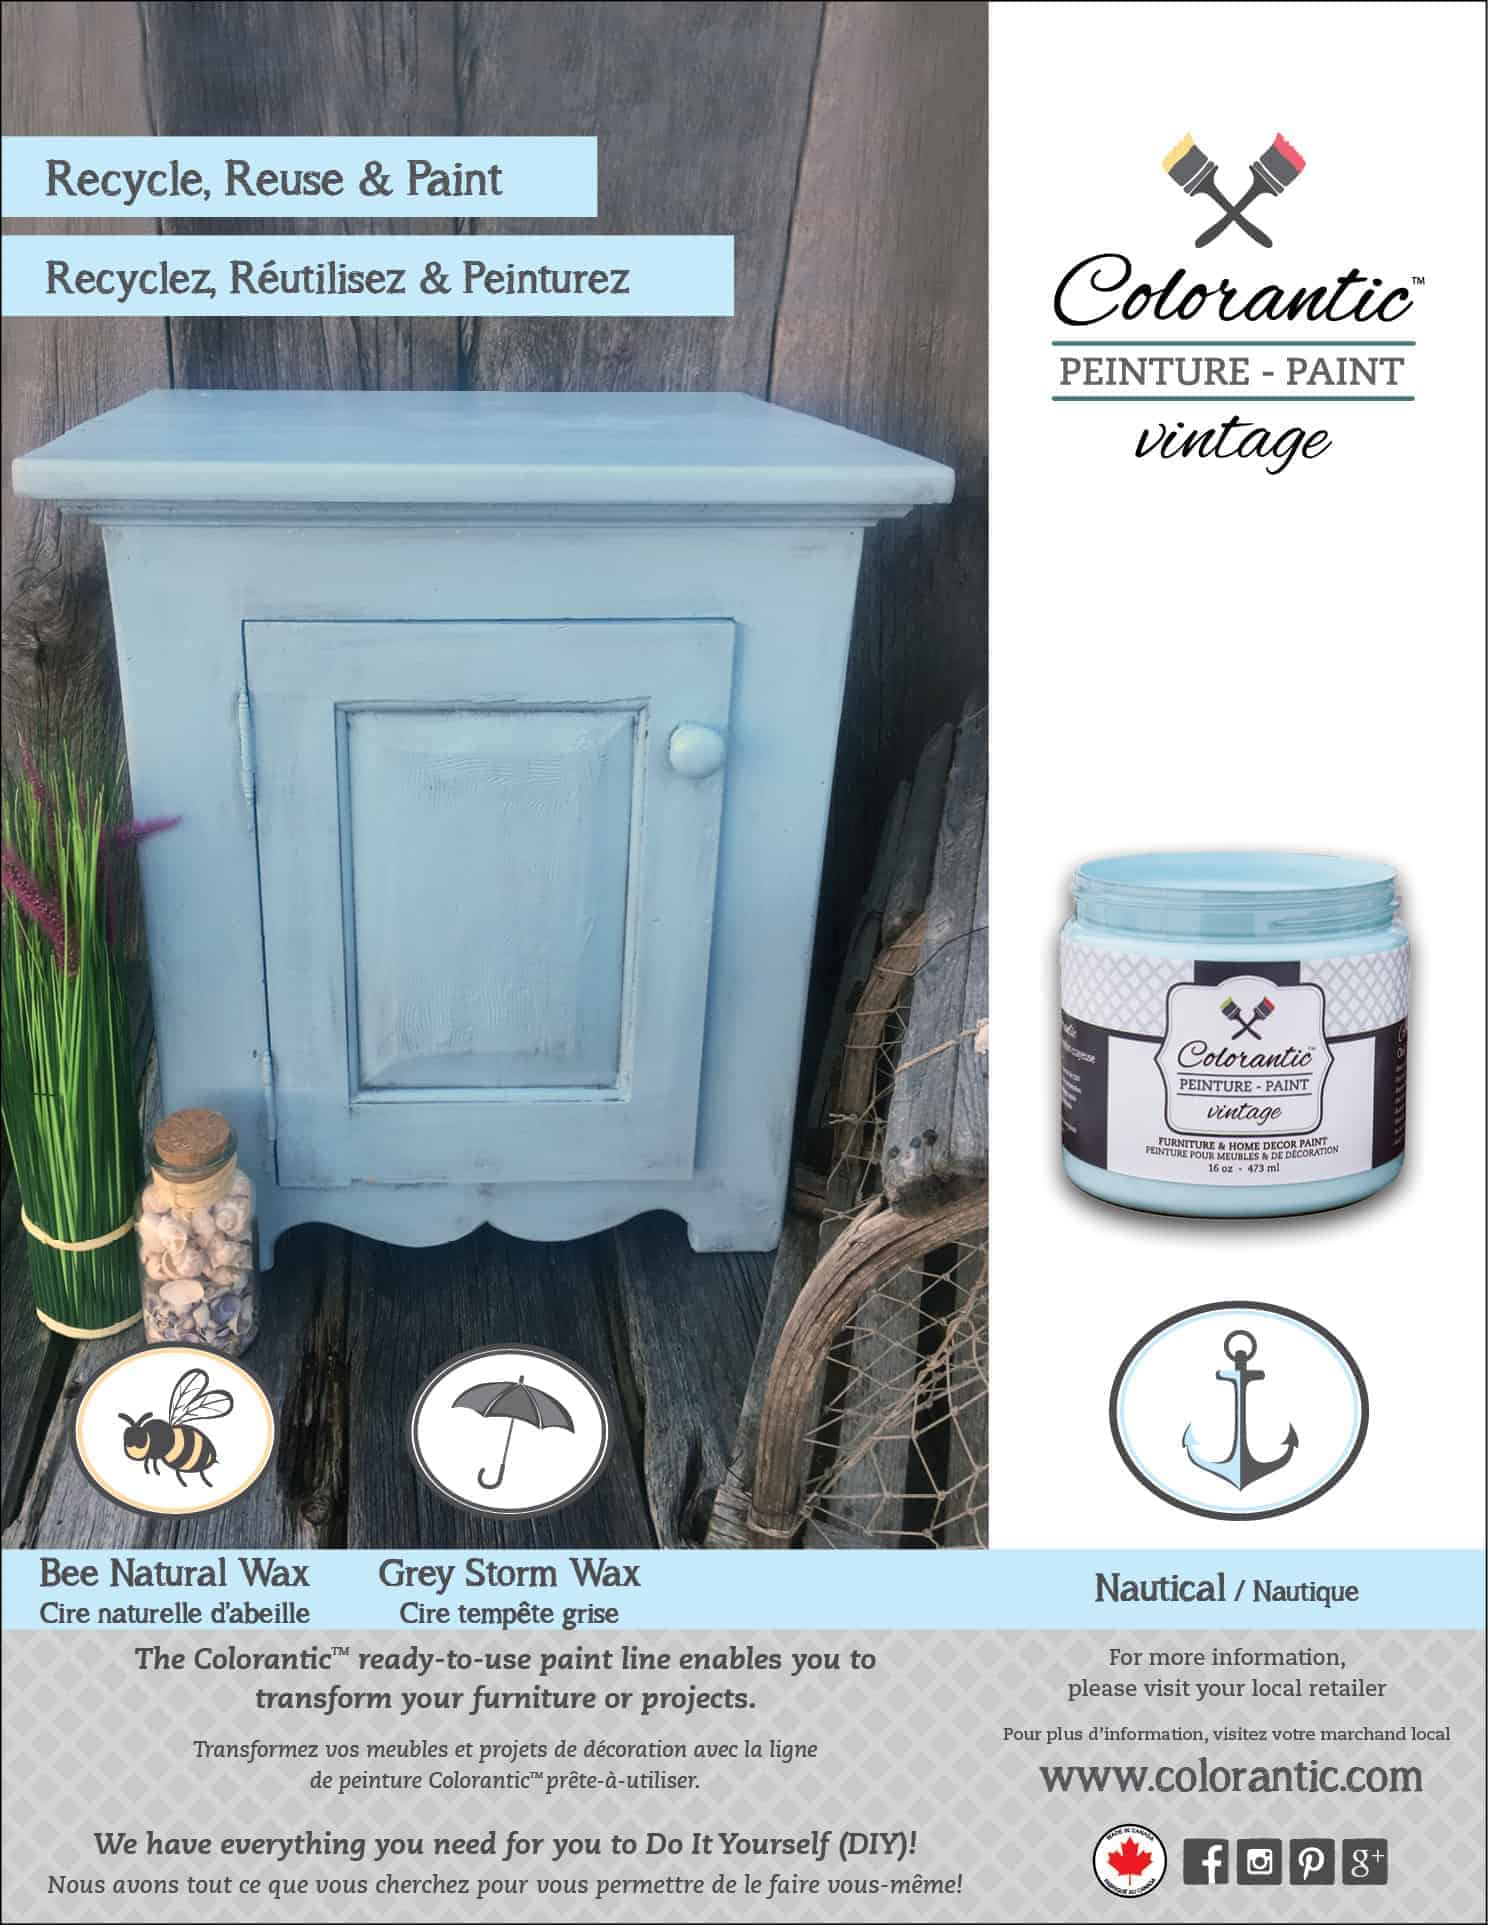 PUB Peinture à la craie nautique - Chalk-Based Paint nautical | Peinture à la craie Colorantic | Chalk-Based Paint Colorantic